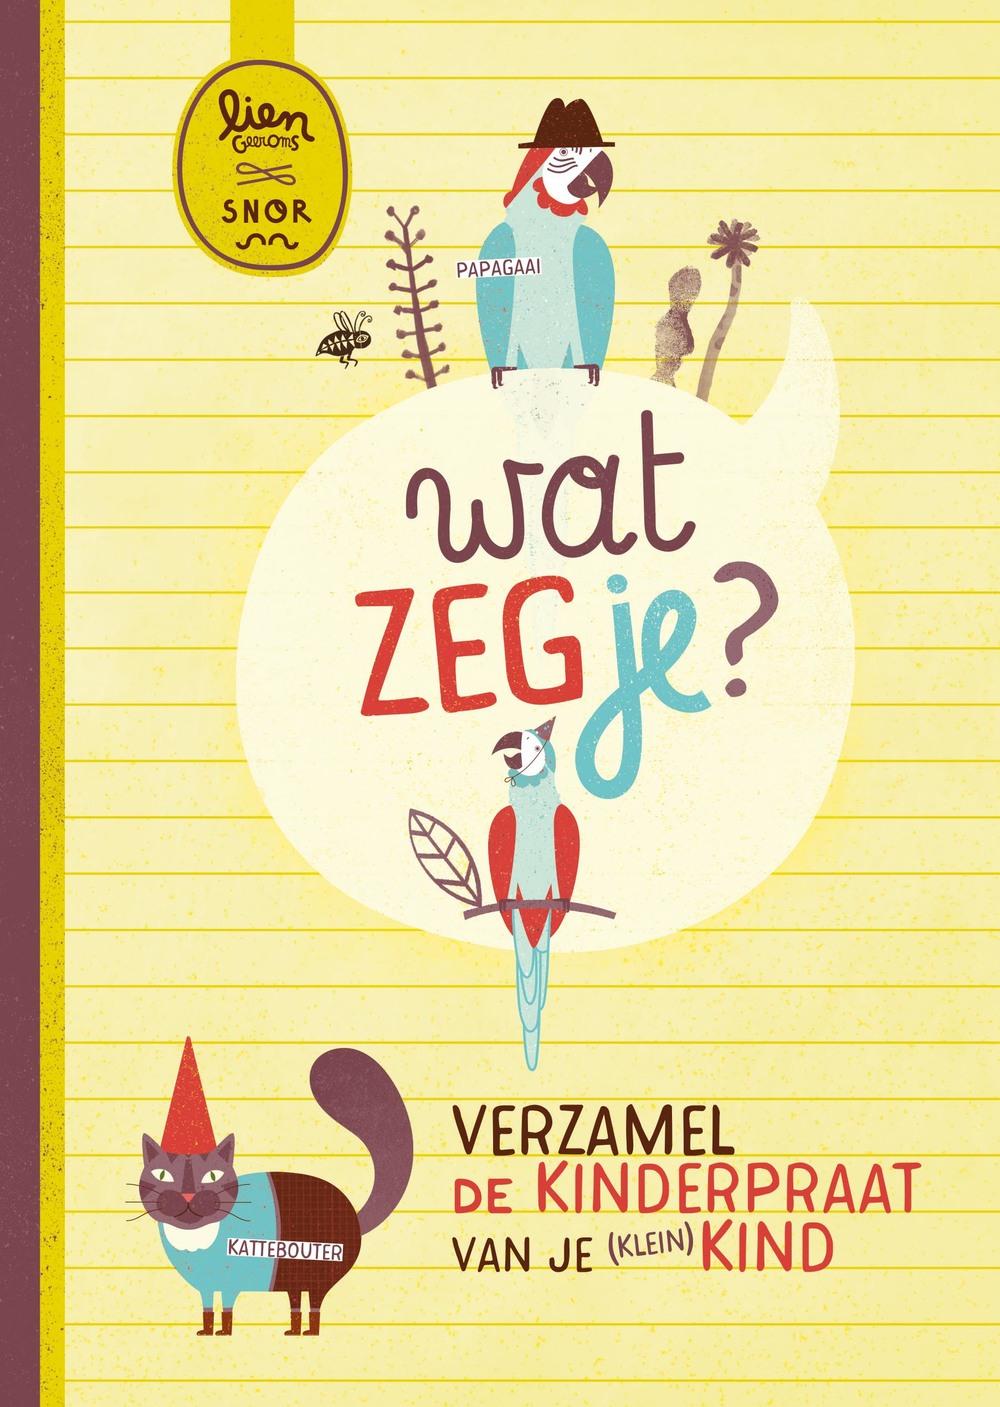 'Wat zeg je?' is een uitgave van uitgeverij Snor en verschijnt dit voorjaar.